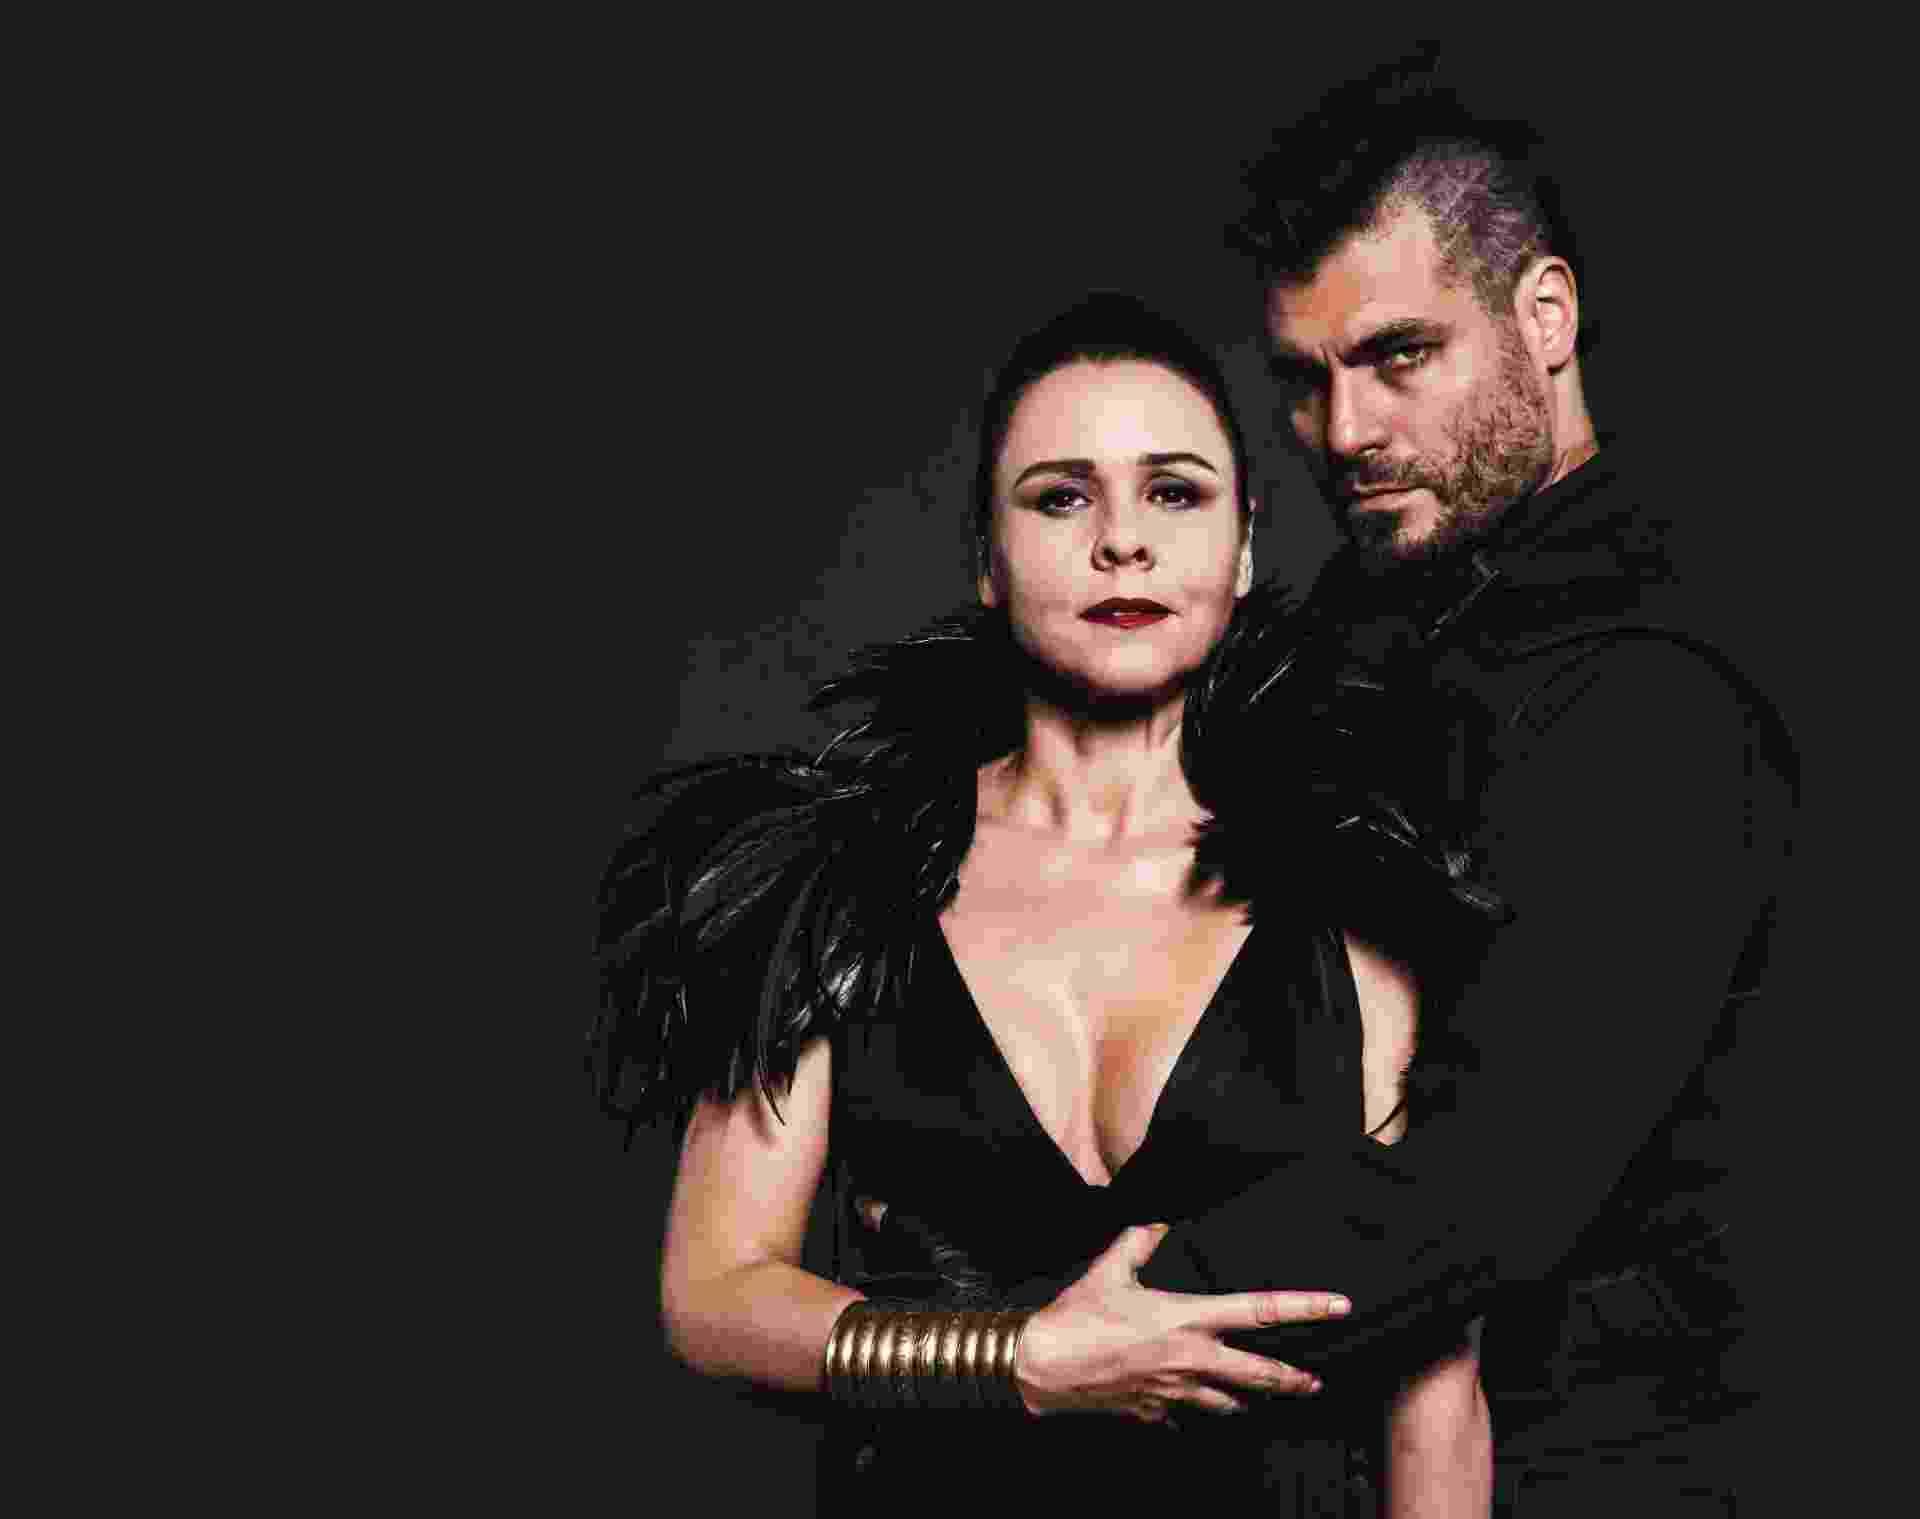 """Giulia Gam e Thiago Lacerda estão em """"Macbeth"""", de William Shakespeare, com direção de Ron Daniels - Adriano Fagundes"""